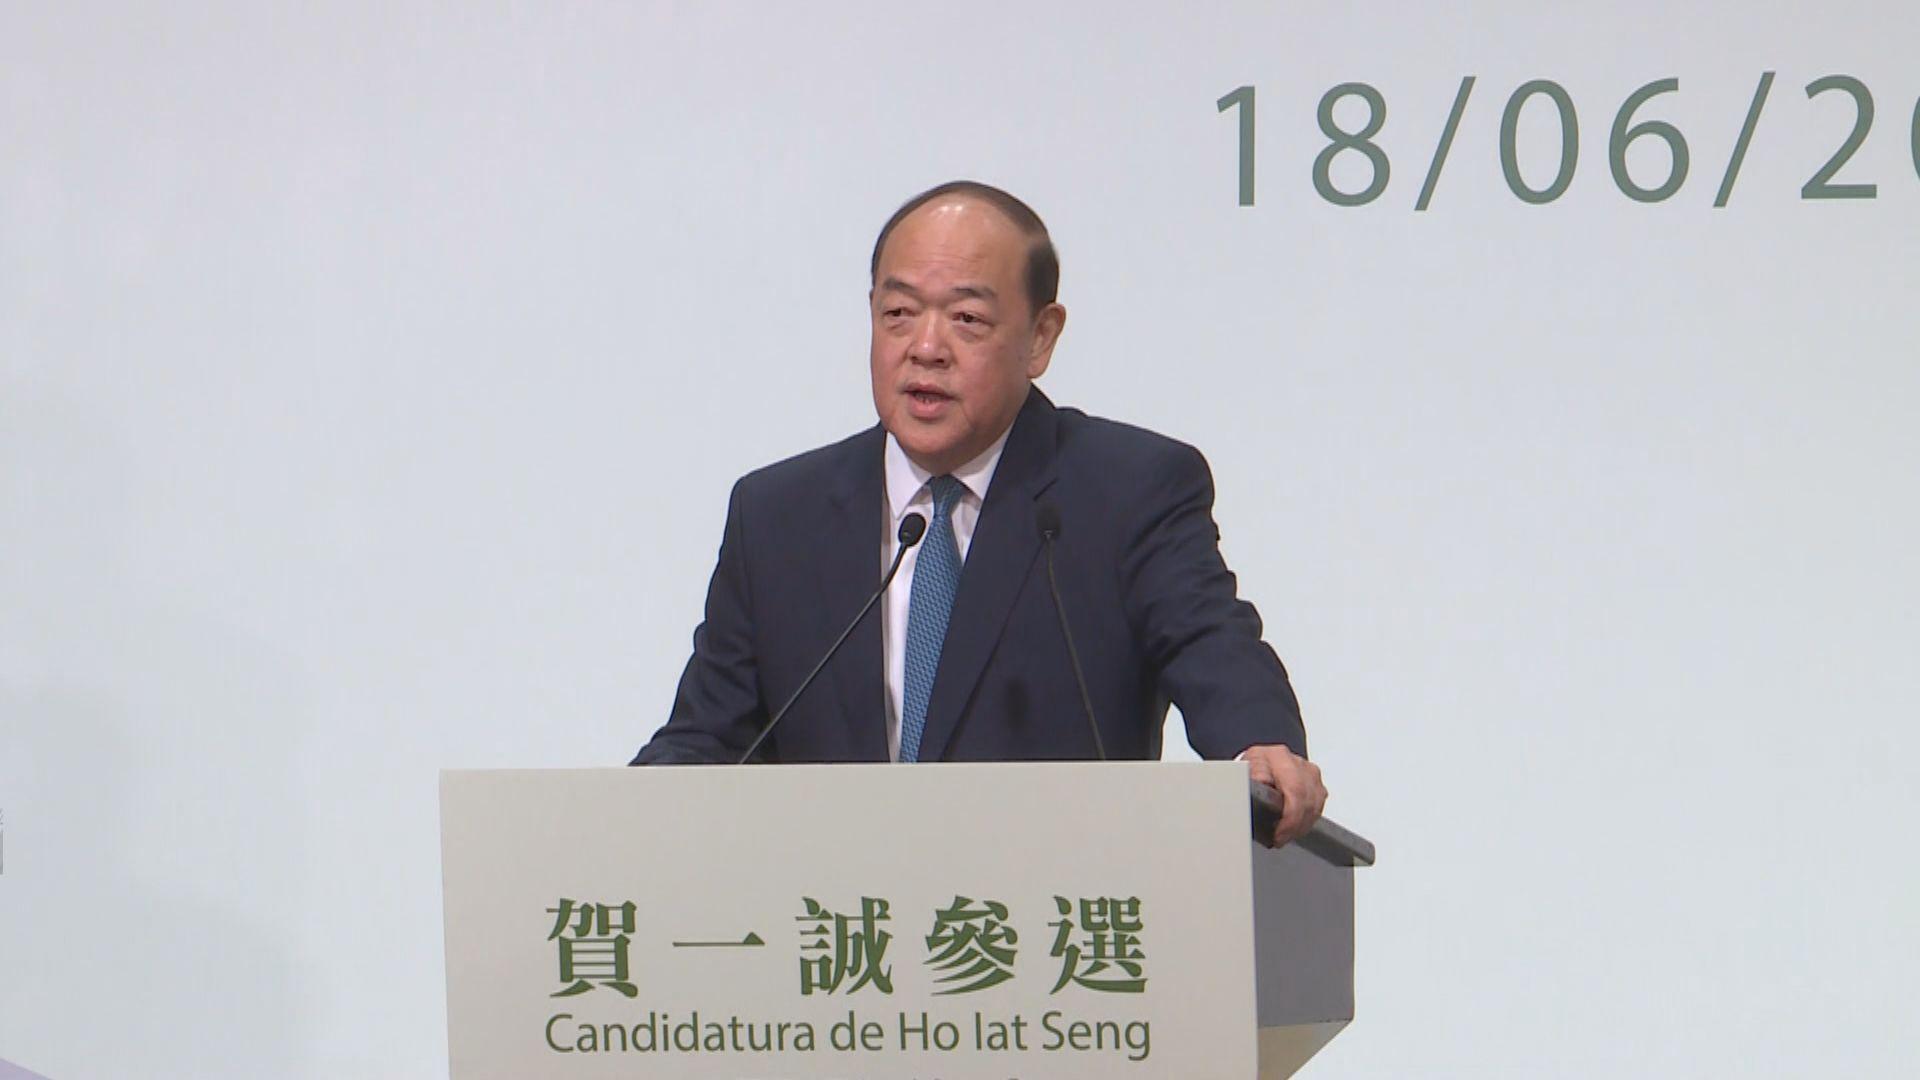 澳門立法會主席賀一誠宣布參選澳門下任行政長官